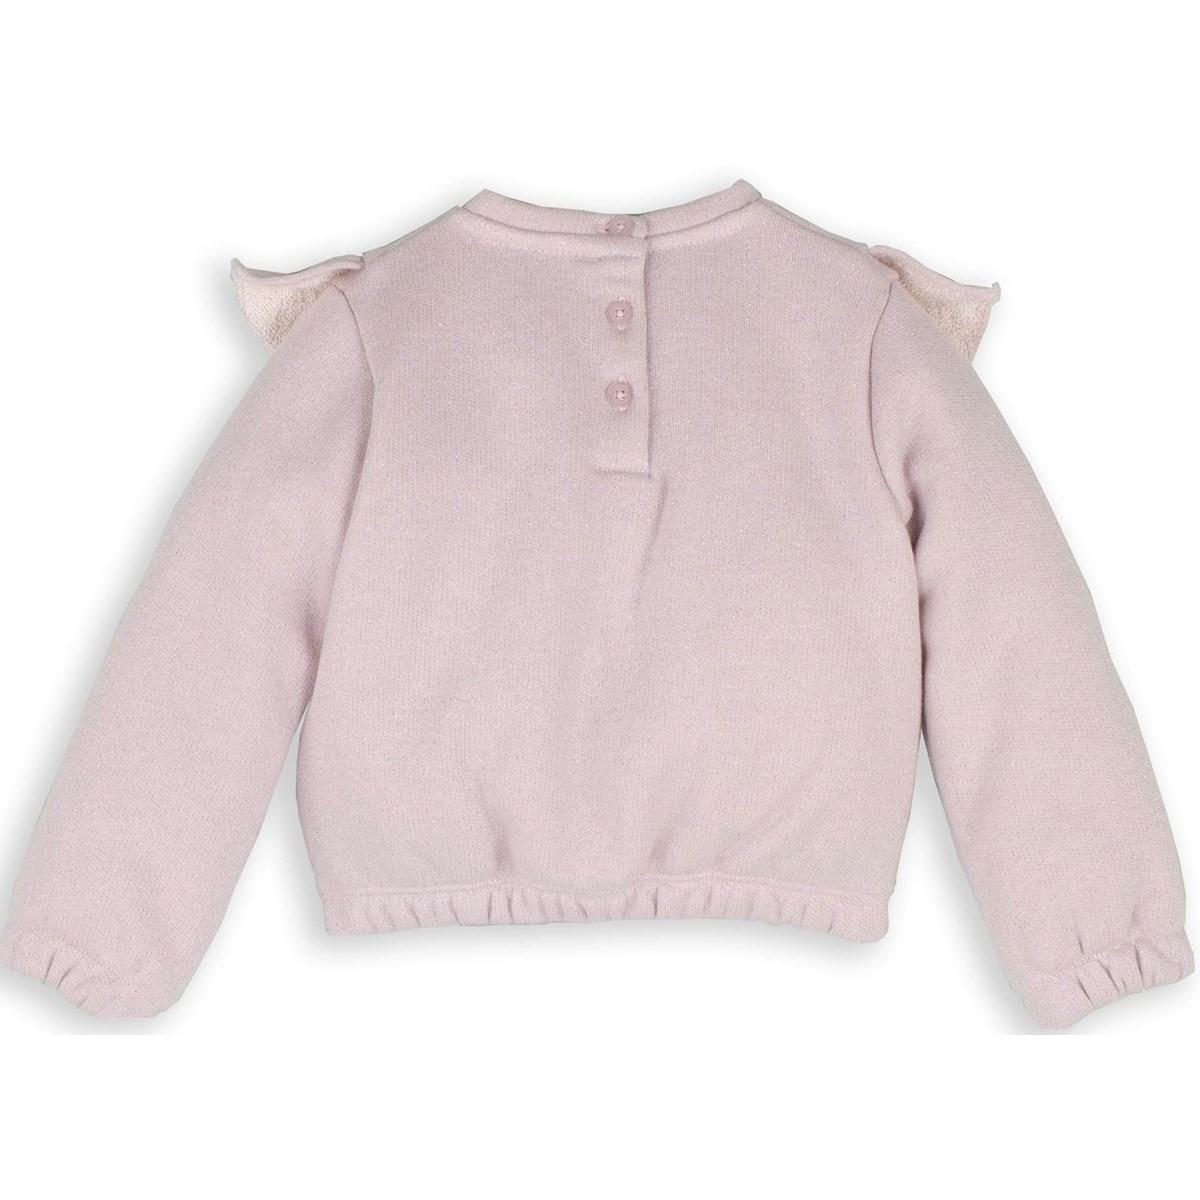 13858 Sweatshirt 2